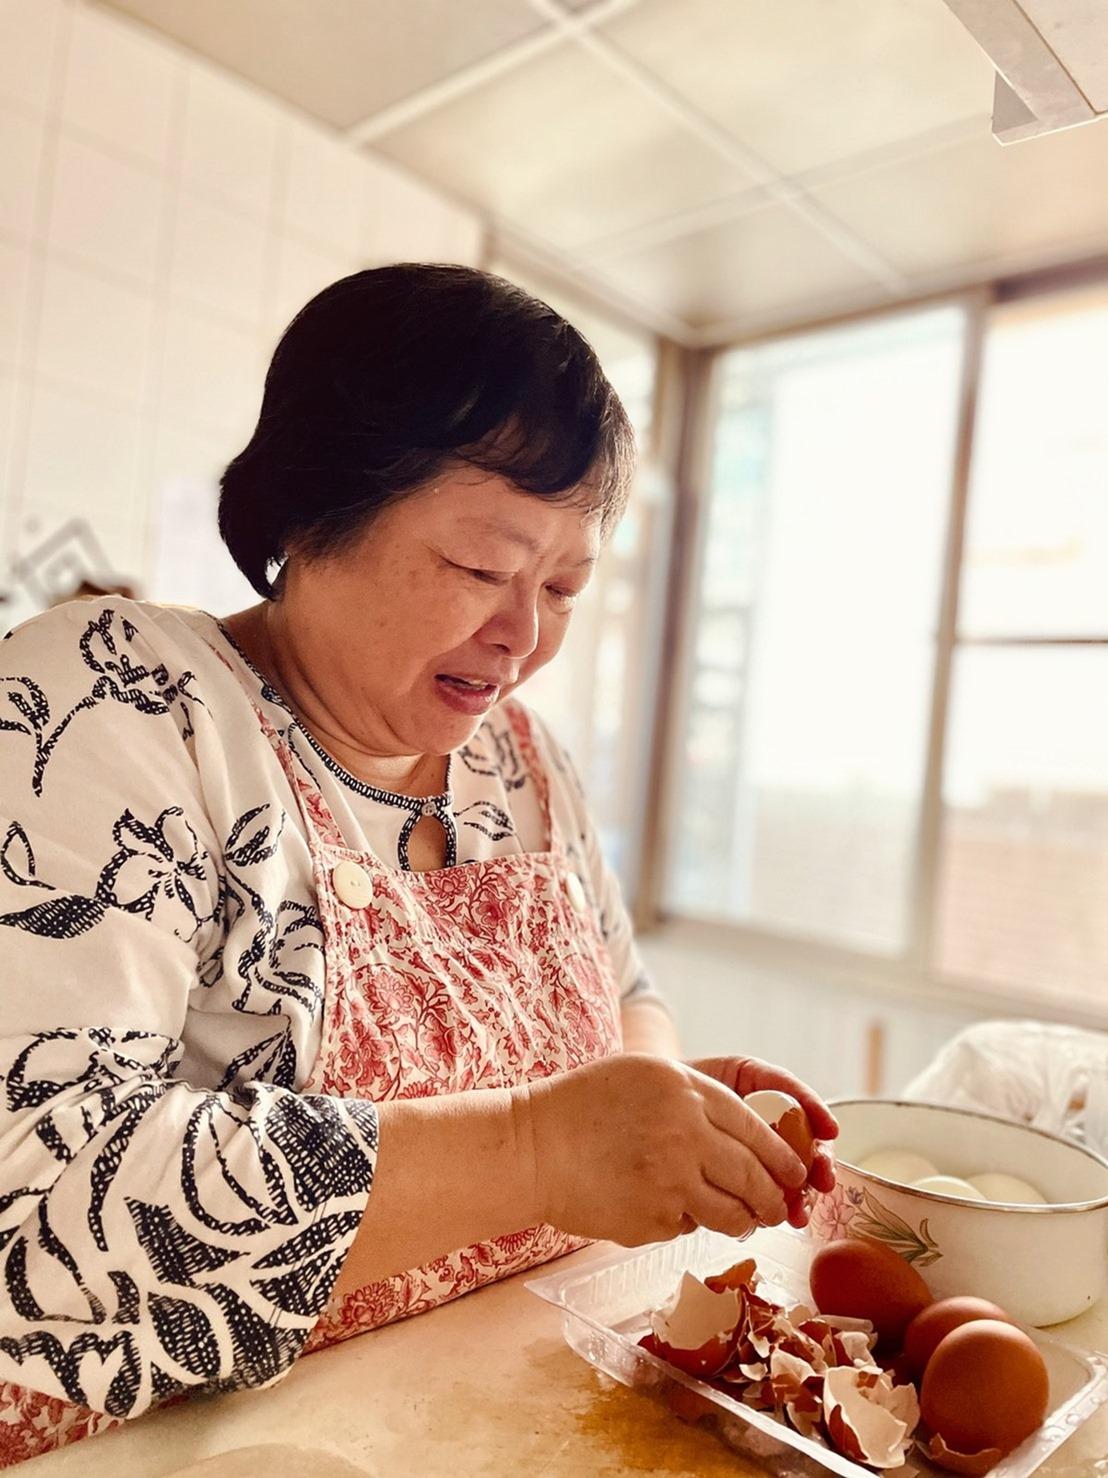 來自世界各地的女性攝影師透過 iPhone 分享女性的多重樣貌 @3C 達人廖阿輝